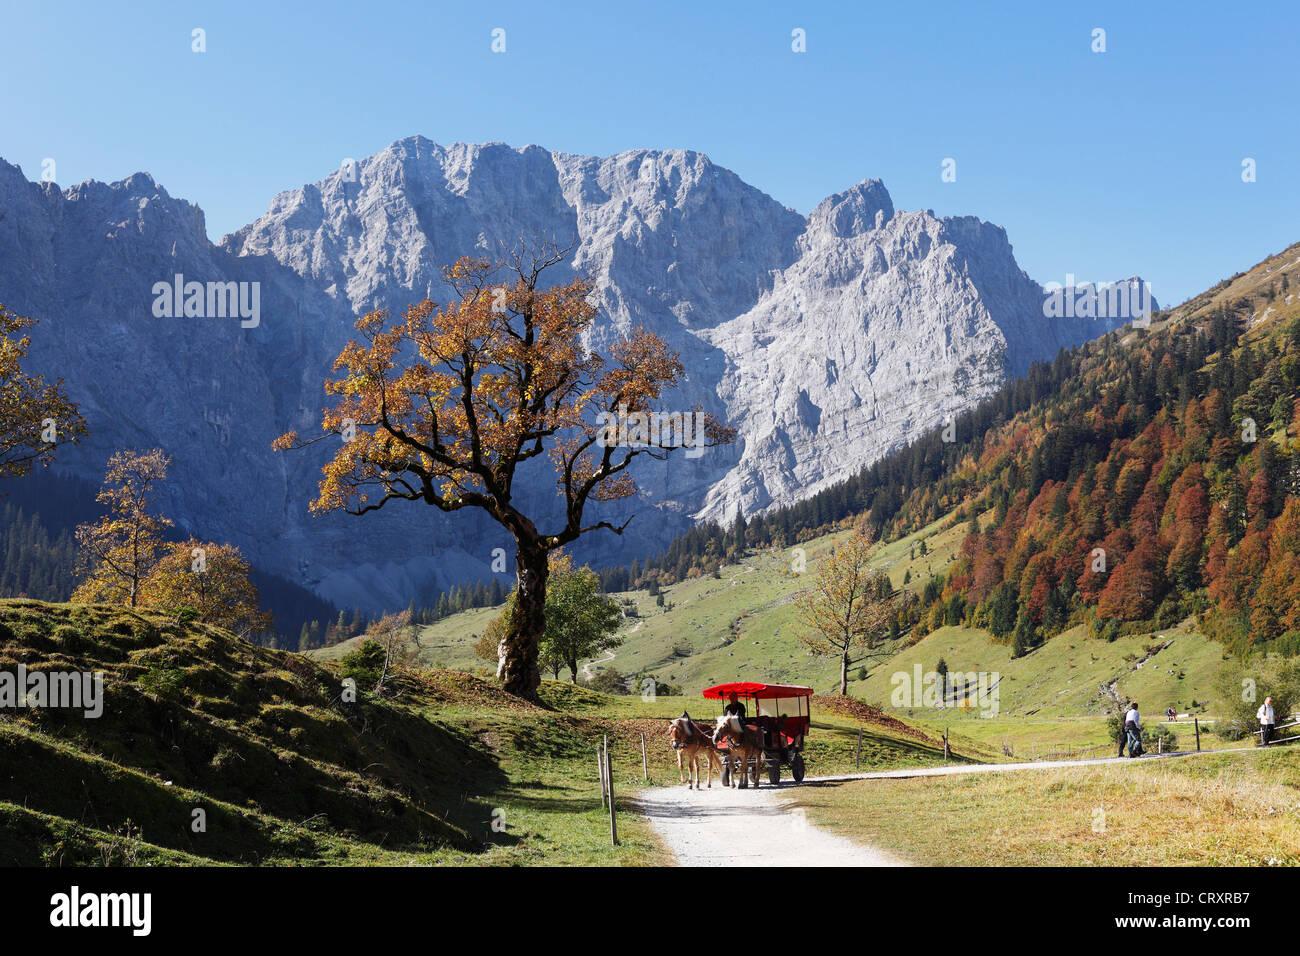 Austria, Tyrol, View of Karwendel Mountains in autumn - Stock Image